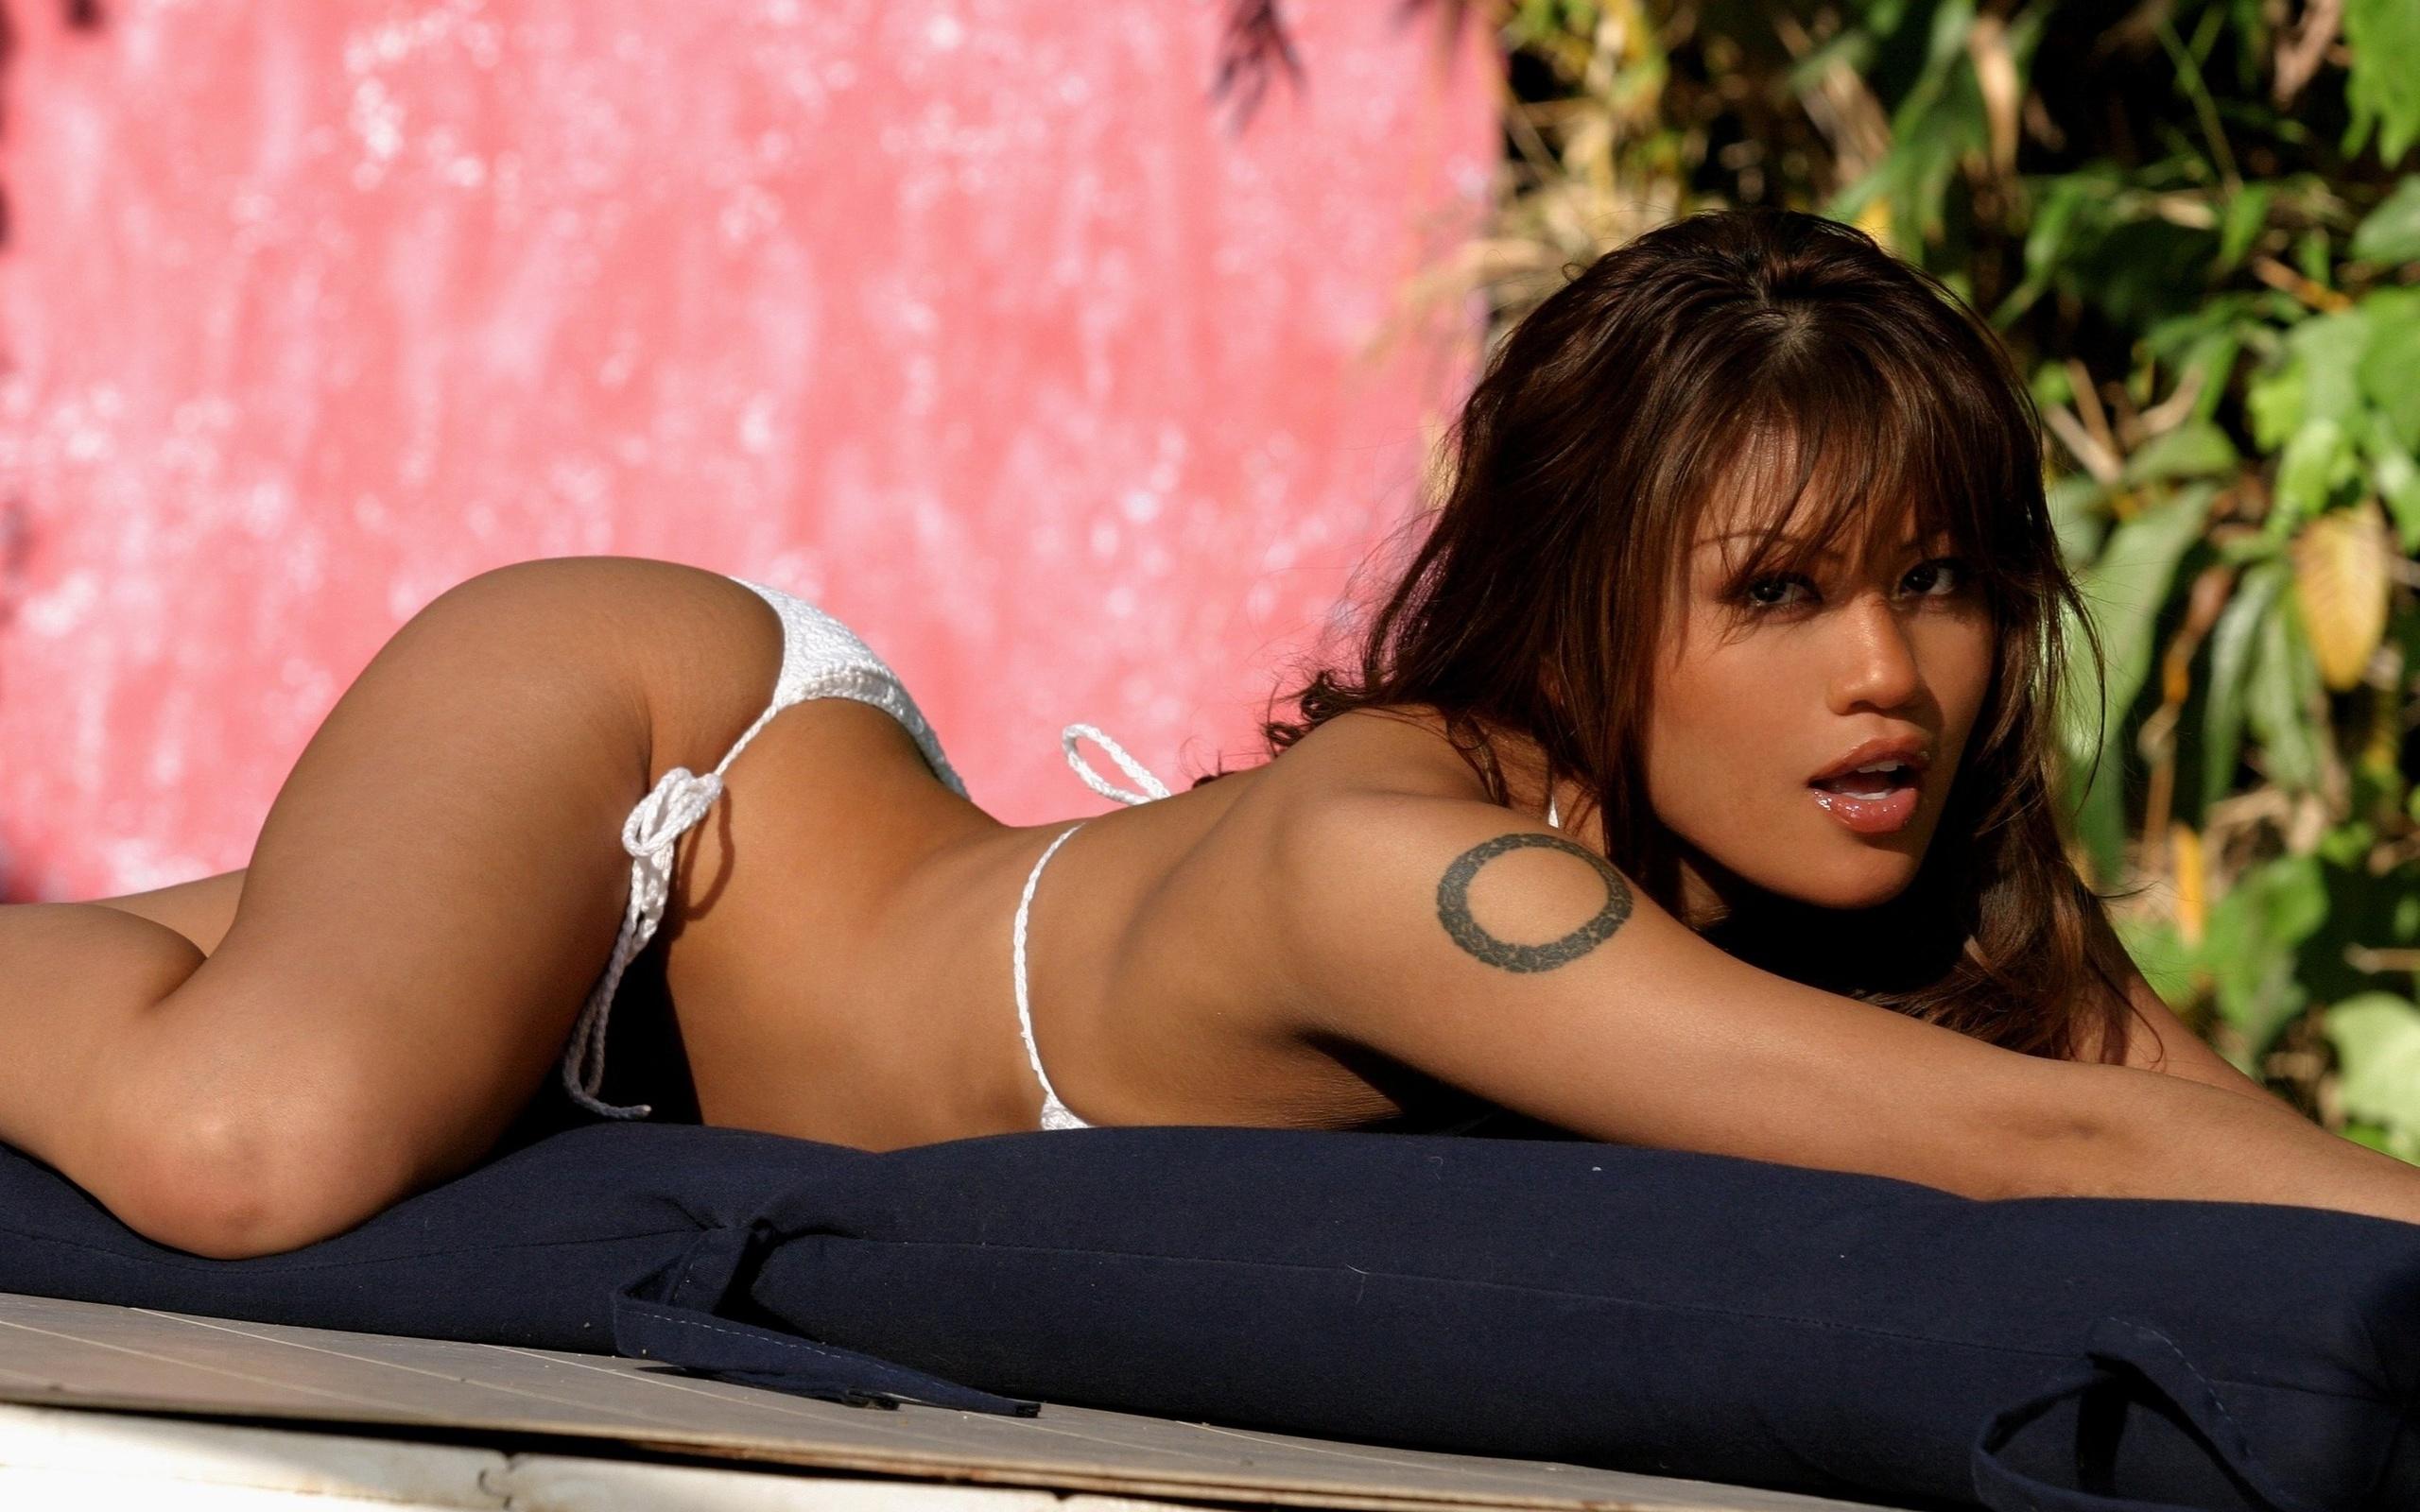 Секс со жгучей мулаткой, Порно мулатки, порно видео с мулатками смотреть 24 фотография